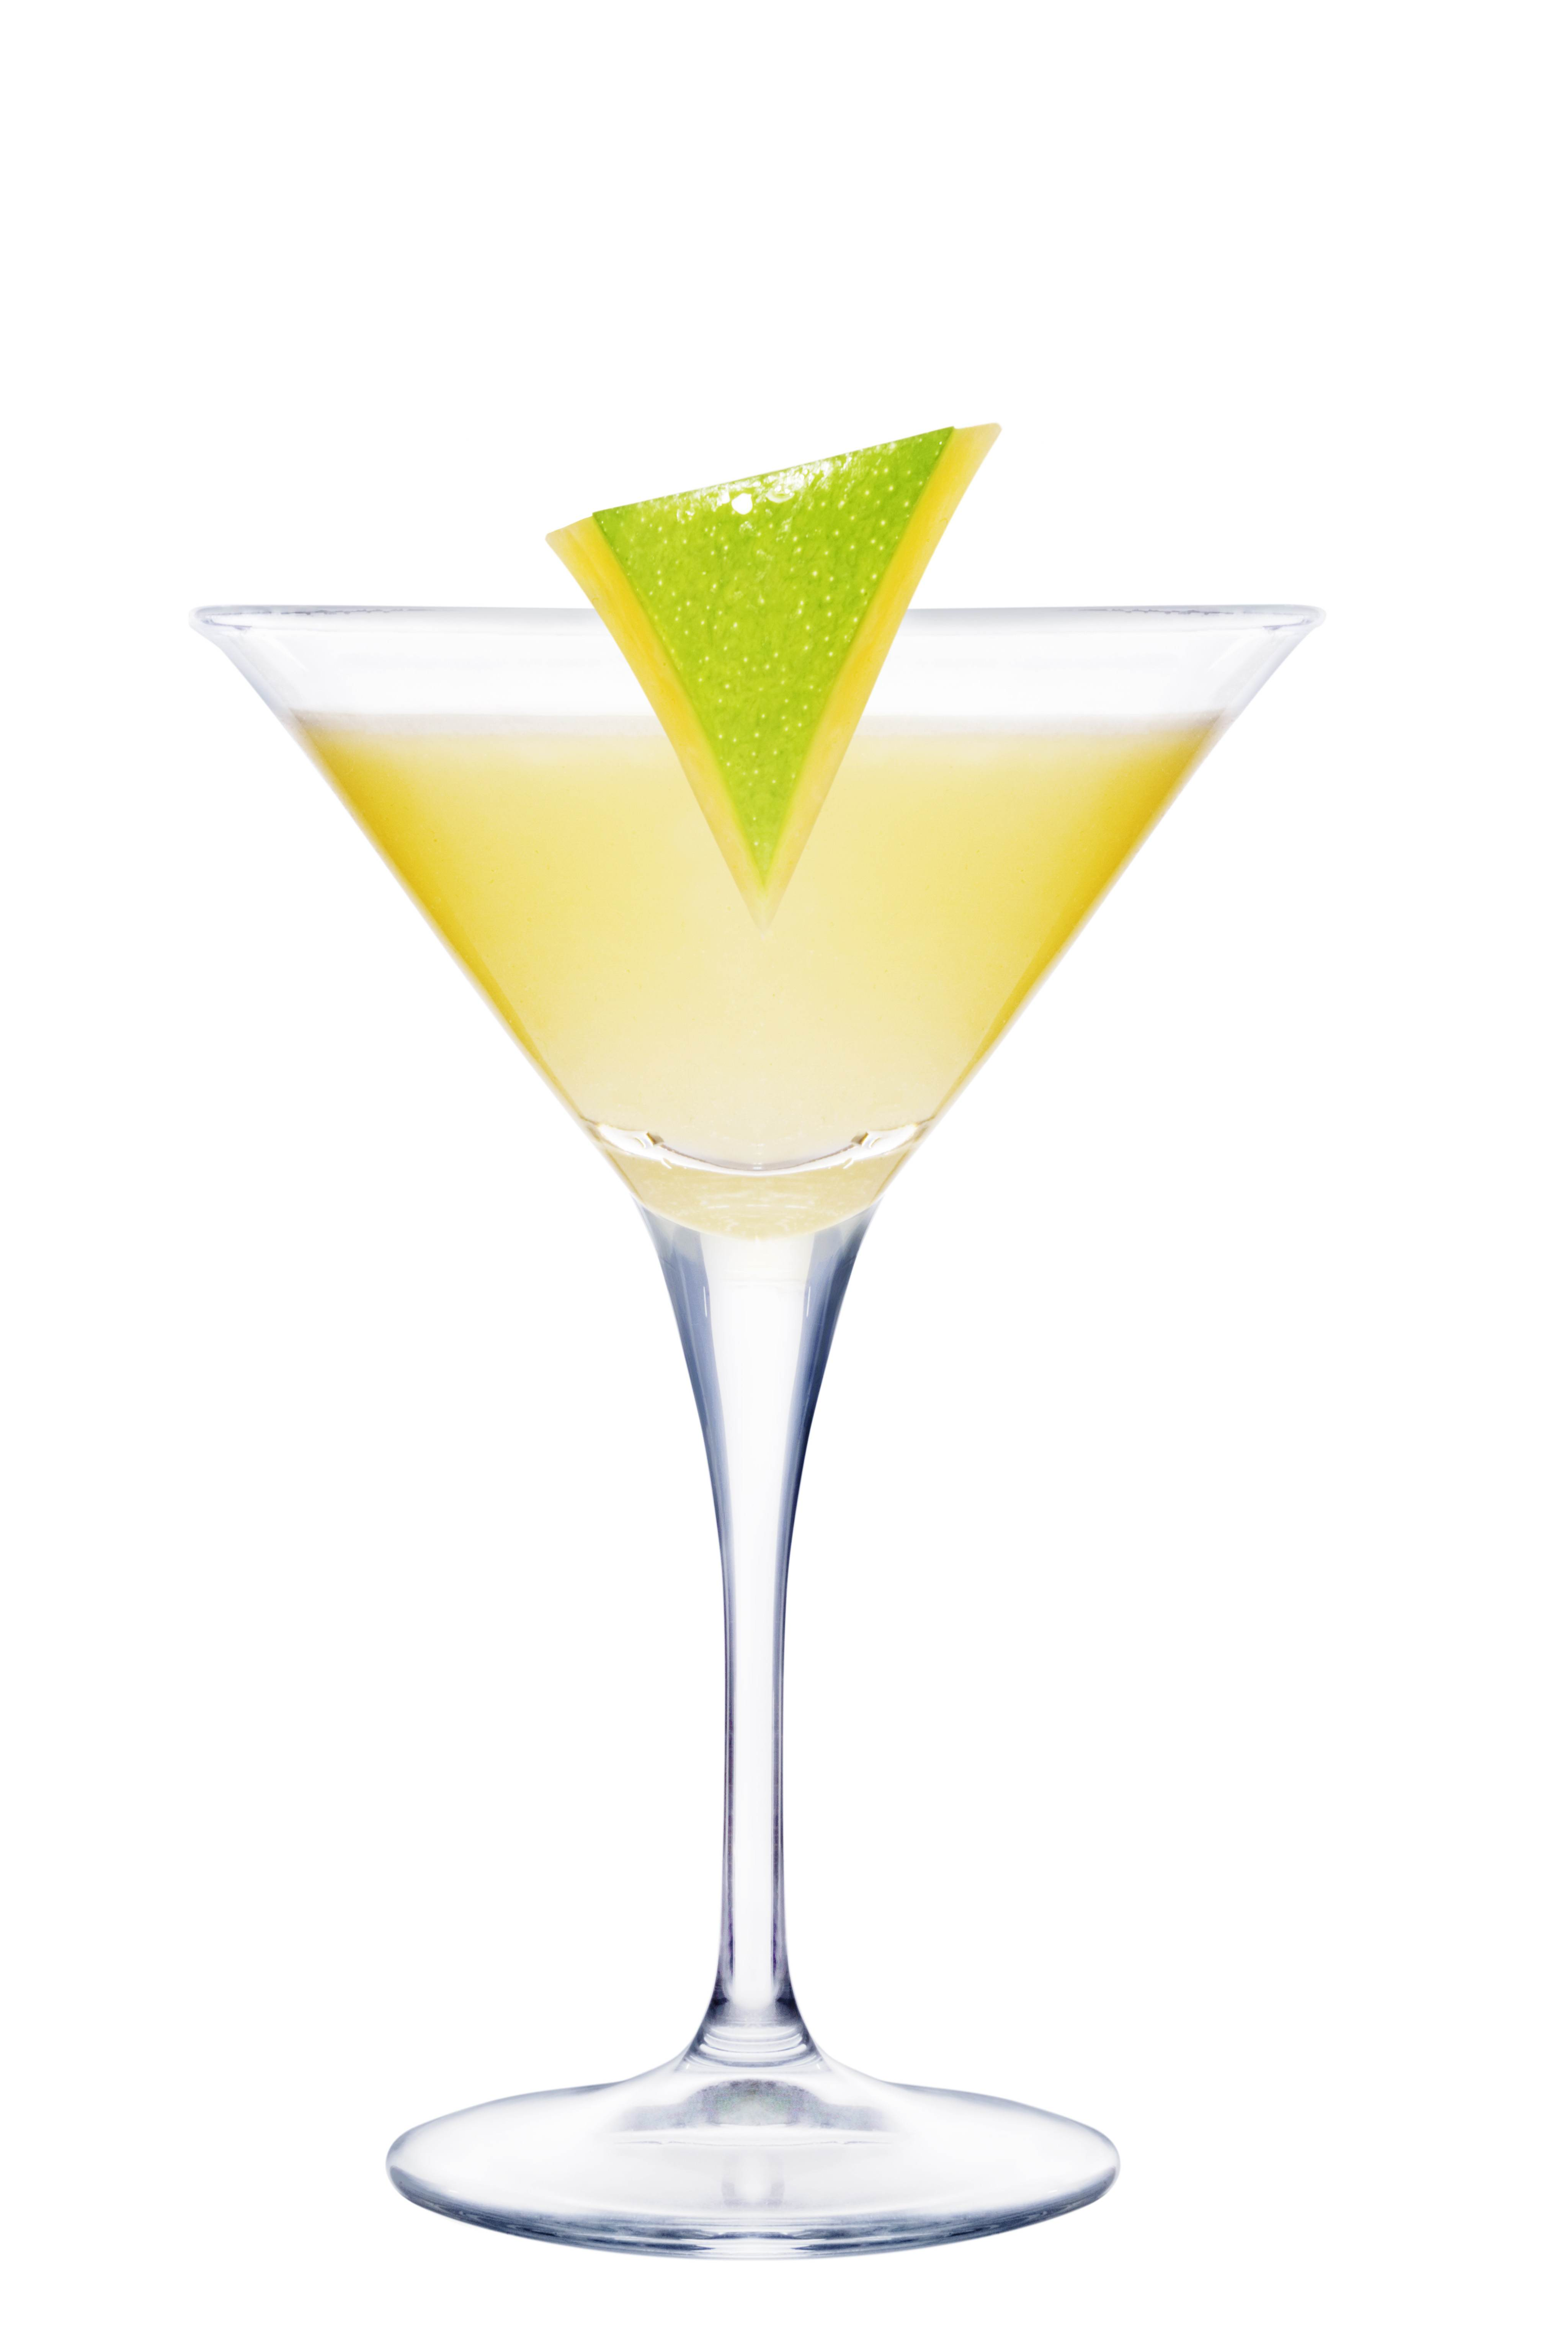 Daiquiri for Cocktail daiquiri